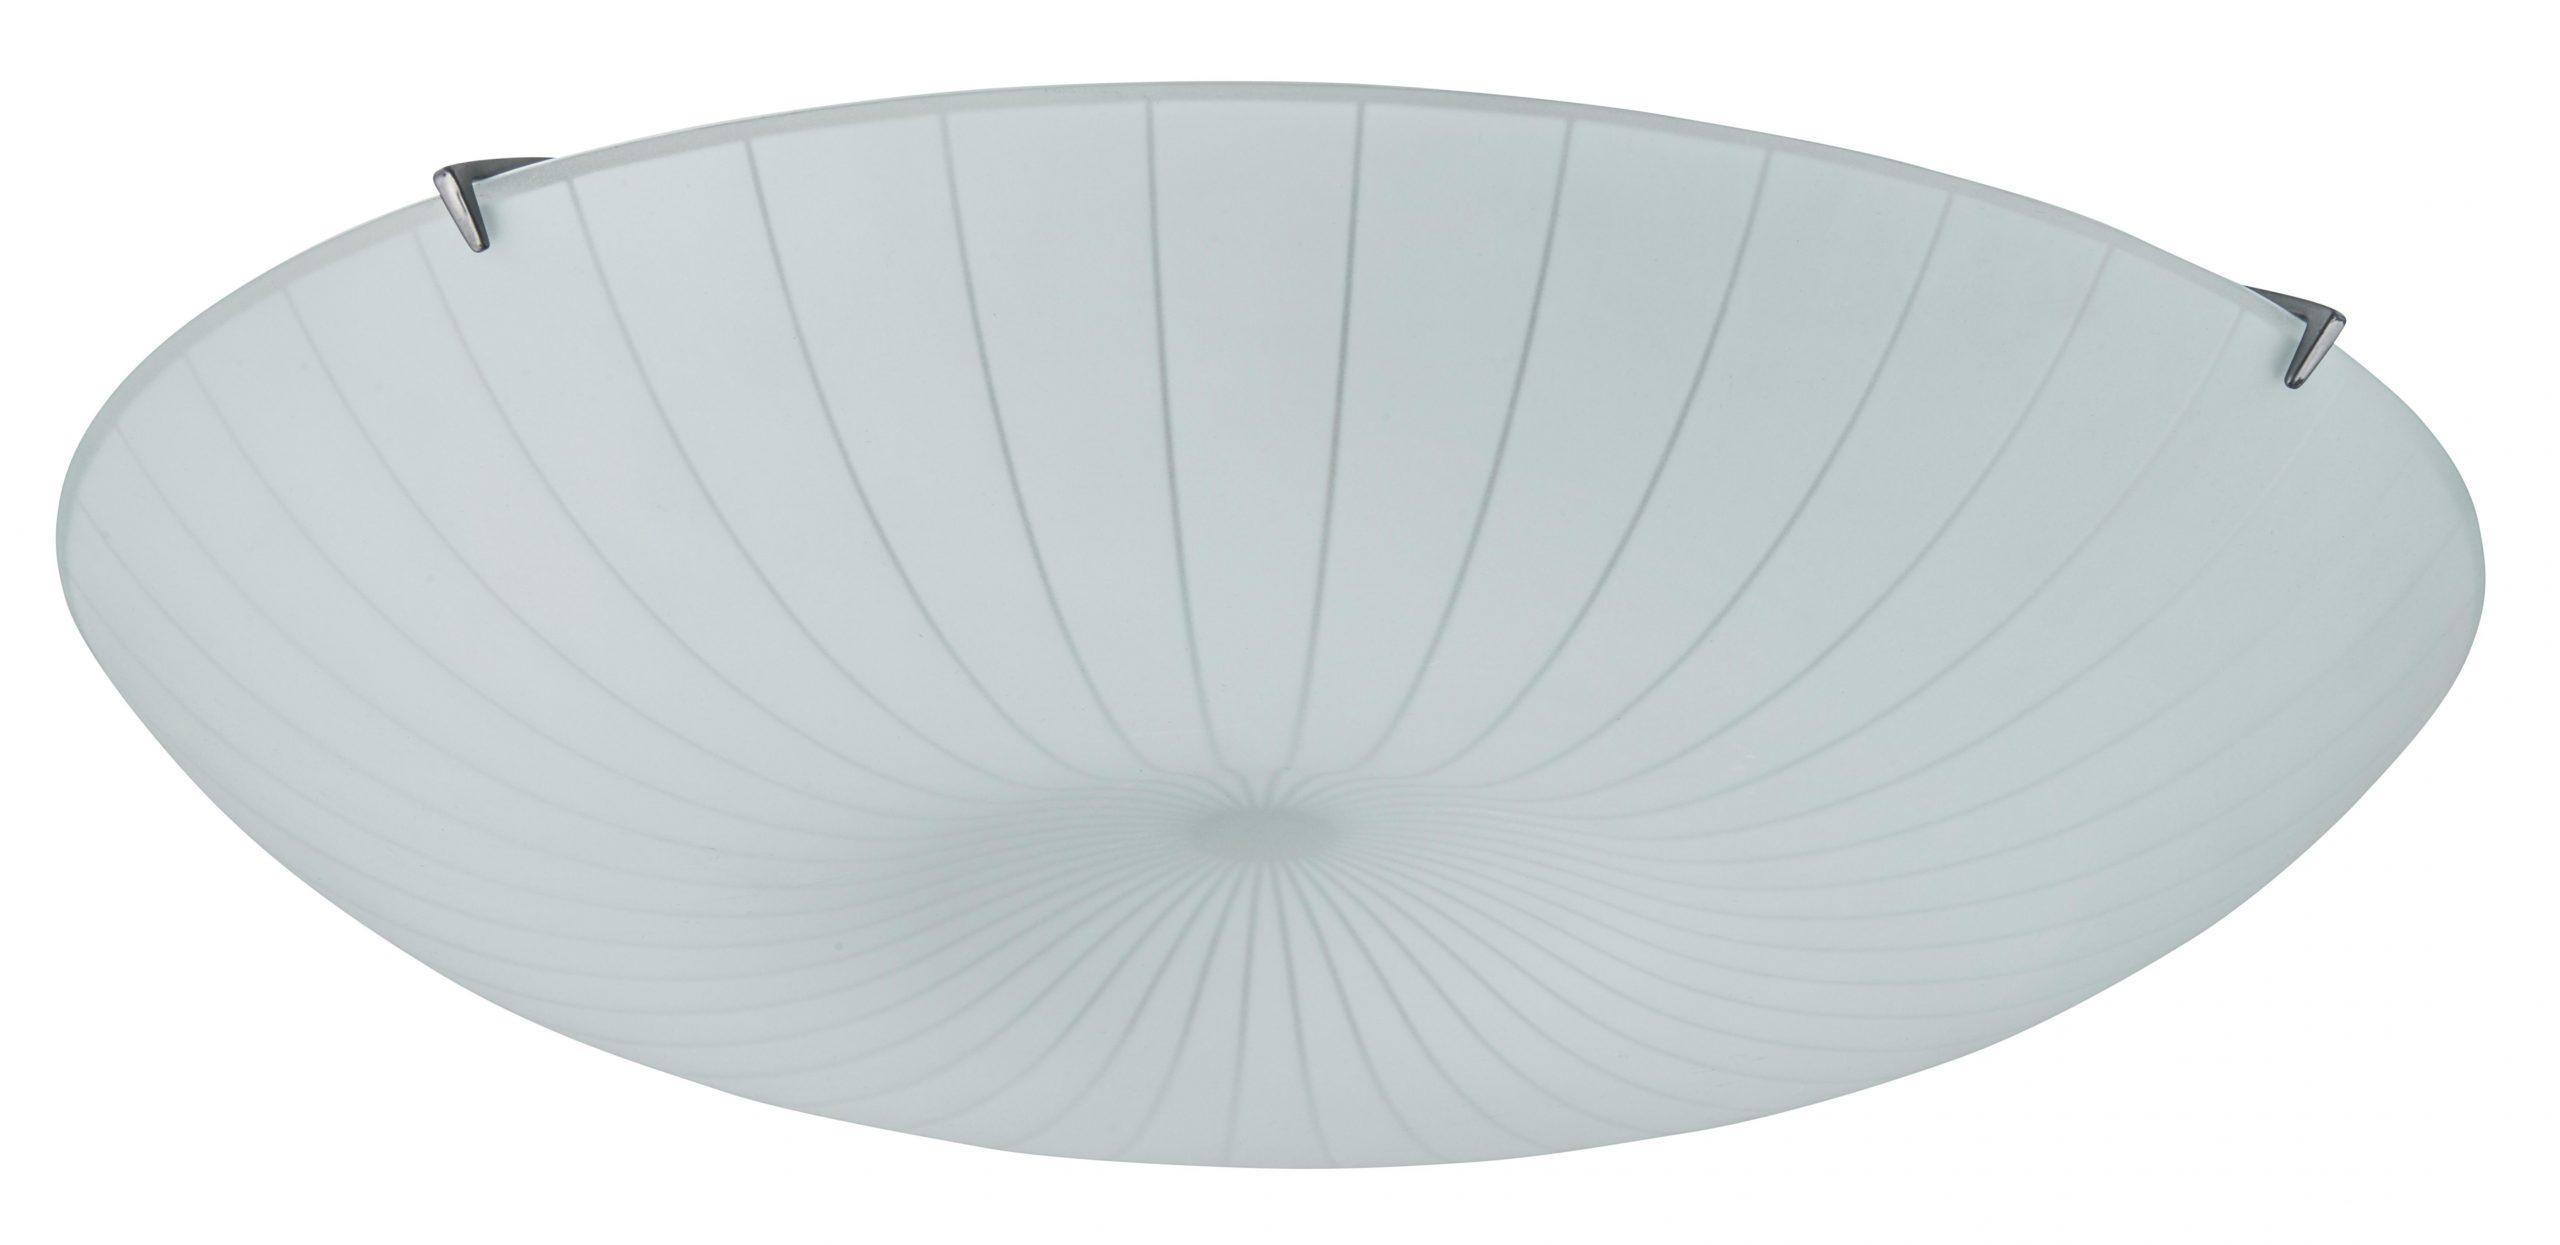 Full Size of Ikea Lampen Rckruf Bei Diese Lampe Hat Einen Abstrzenden Glasschirm Badezimmer Bad Küche Kosten Deckenlampen Wohnzimmer Modern Stehlampen Designer Esstisch Wohnzimmer Ikea Lampen